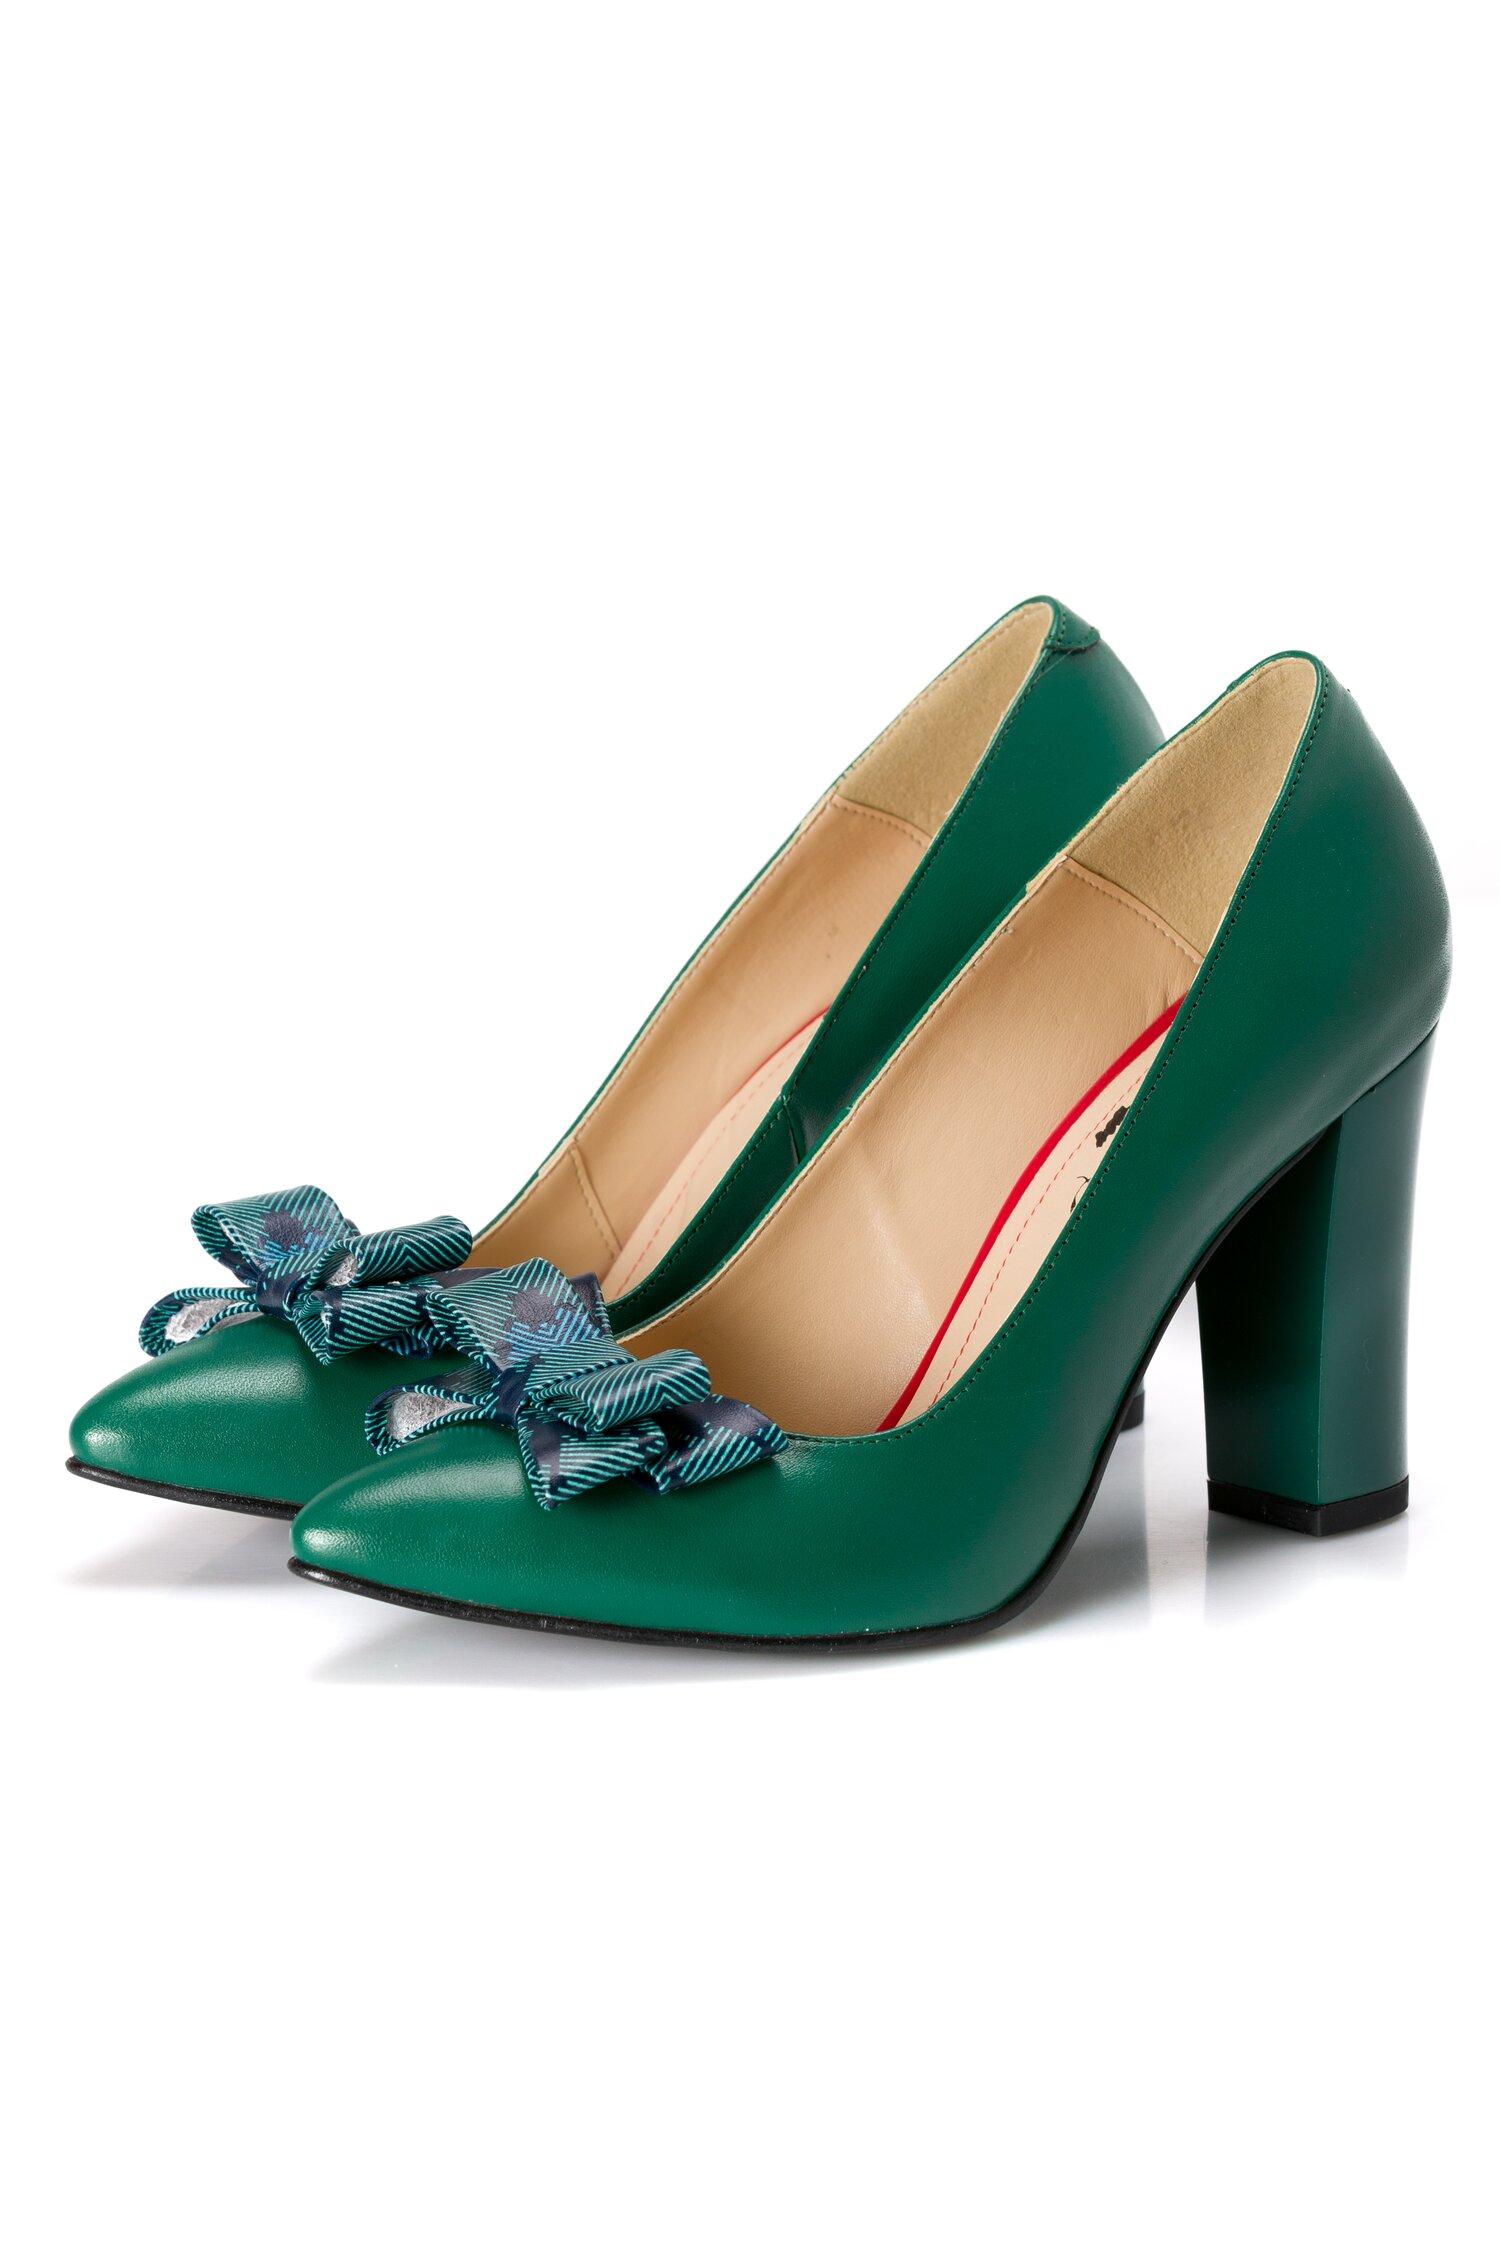 Pantofi verzi din piele cu fundita pe varf cu frunze imprimate imagine